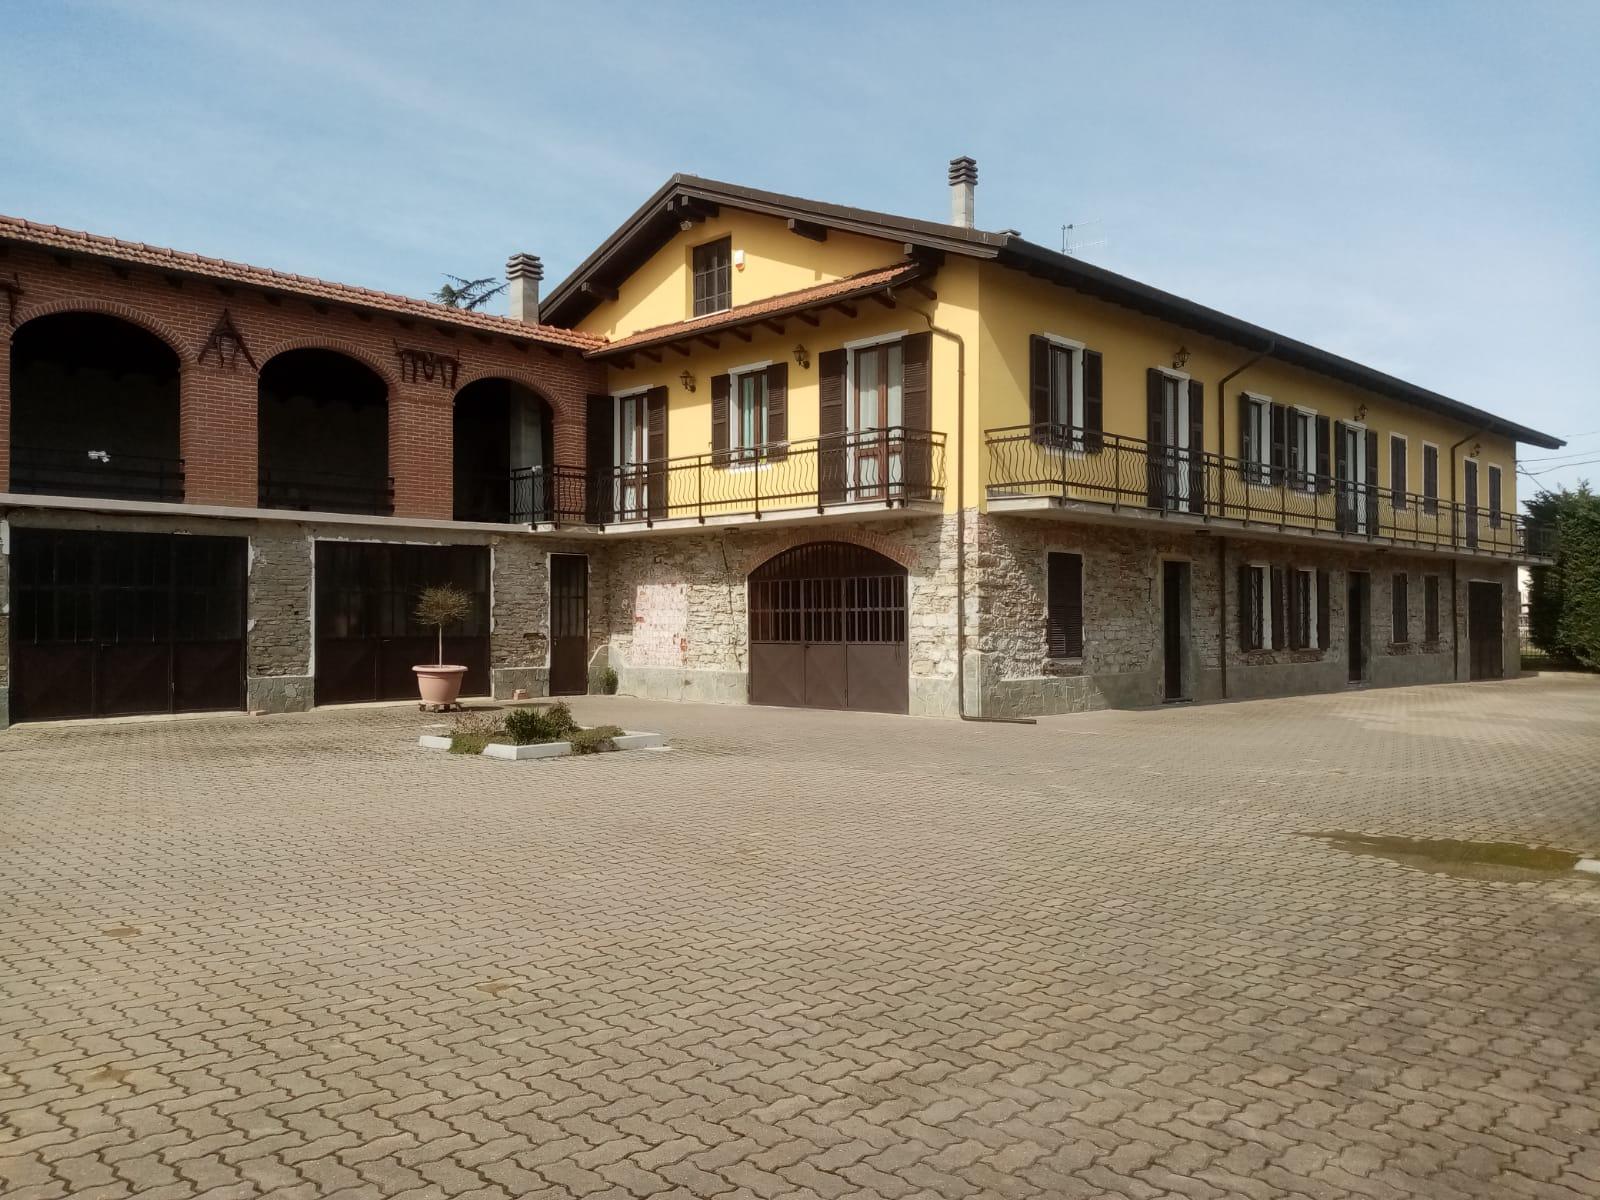 589 - Acqui Terme, Località Basso Erro